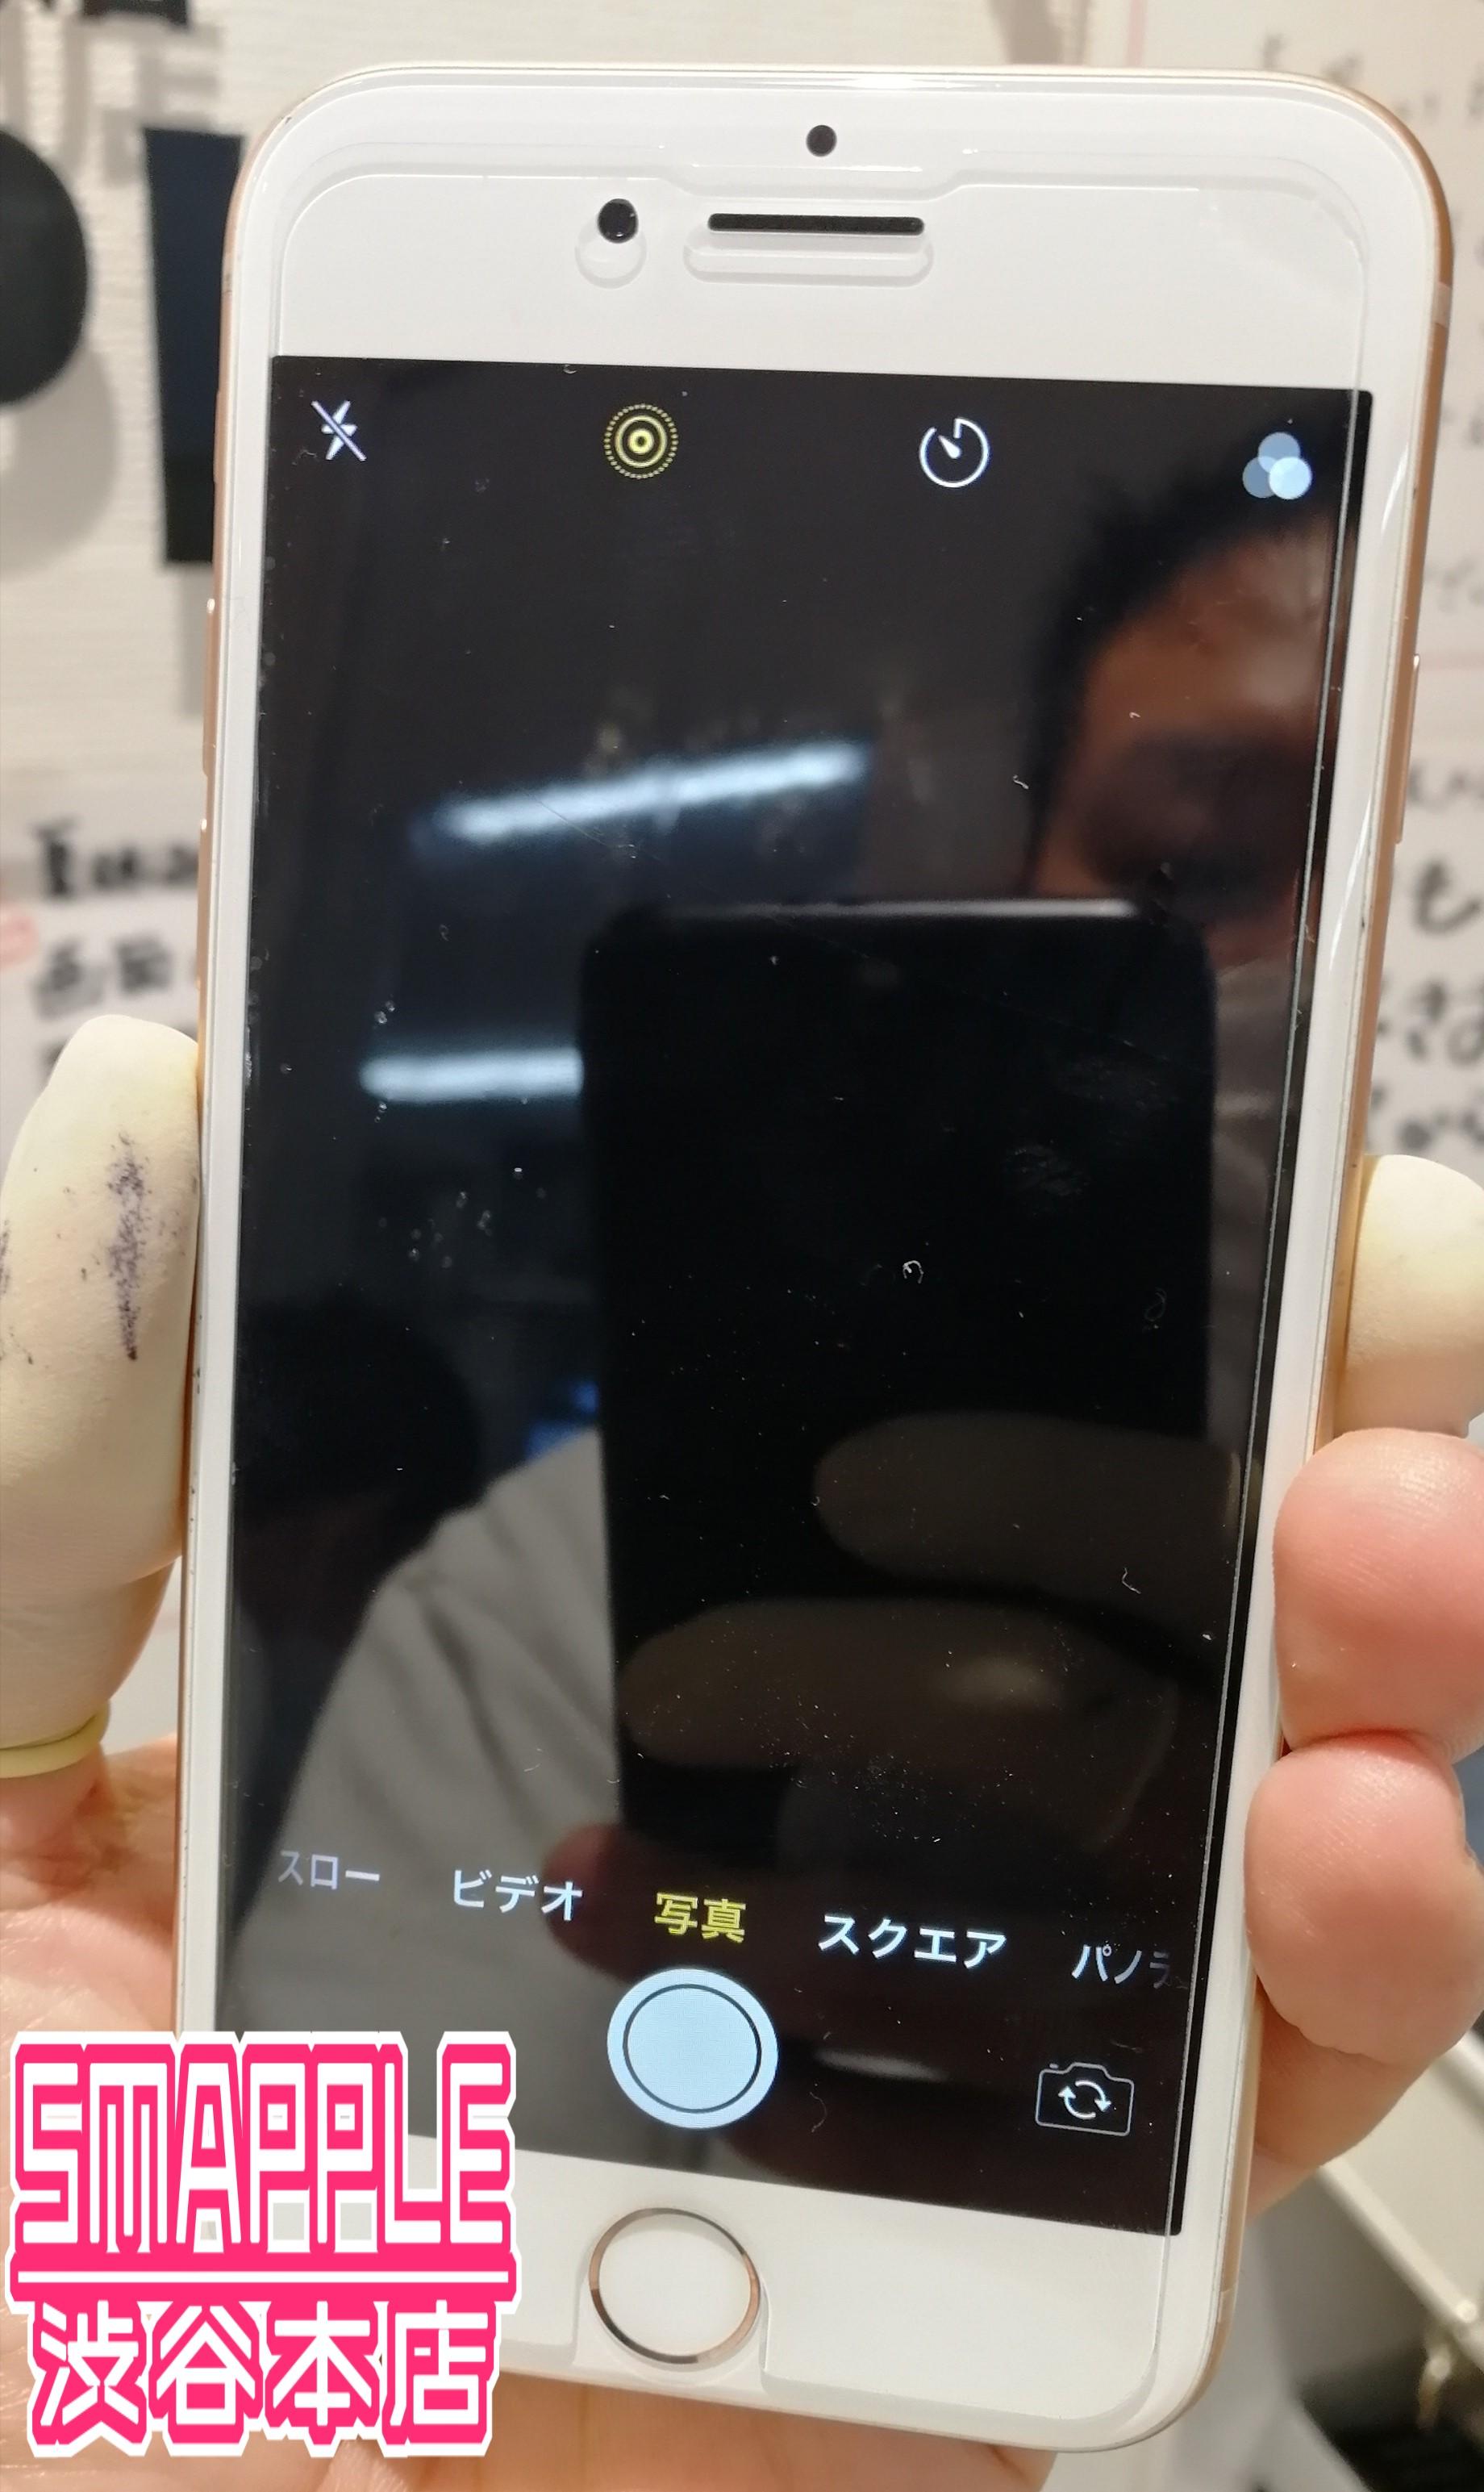 カメラを起動してもカメラが壊れて何も映らず真っ暗な状態のiPhone8画像